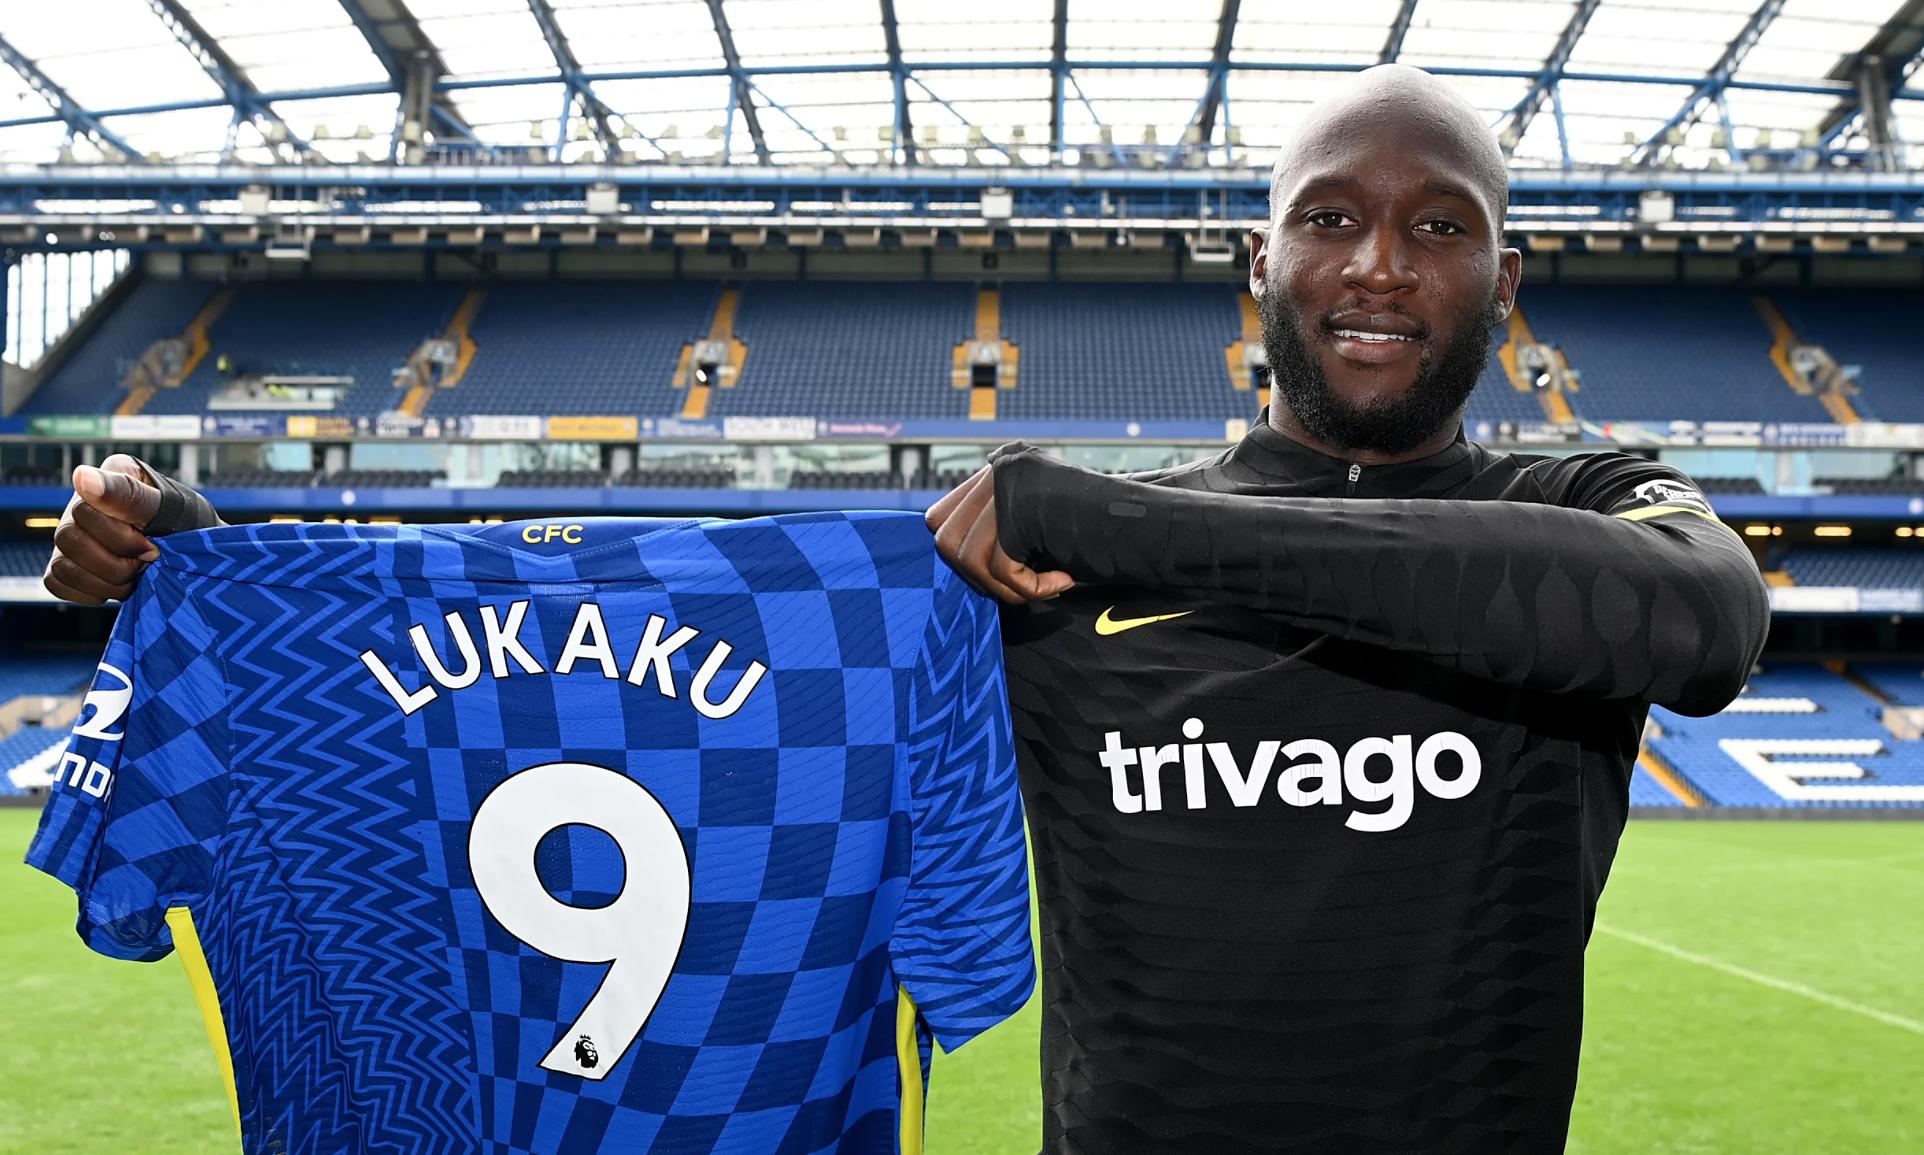 Lukaku ได้รับเสื้อหมายเลข 9 ที่ Chelsea เมื่อวันที่ 18 สิงหาคม  หมายเลขเสื้อนี้ก่อนหน้านี้เป็นของแทมมี่ อับราฮัม กองหน้ารายนี้เพิ่งขายให้กับโรม่าเมื่อวันที่ 17 สิงหาคม  รูปถ่าย: Chelsea FC